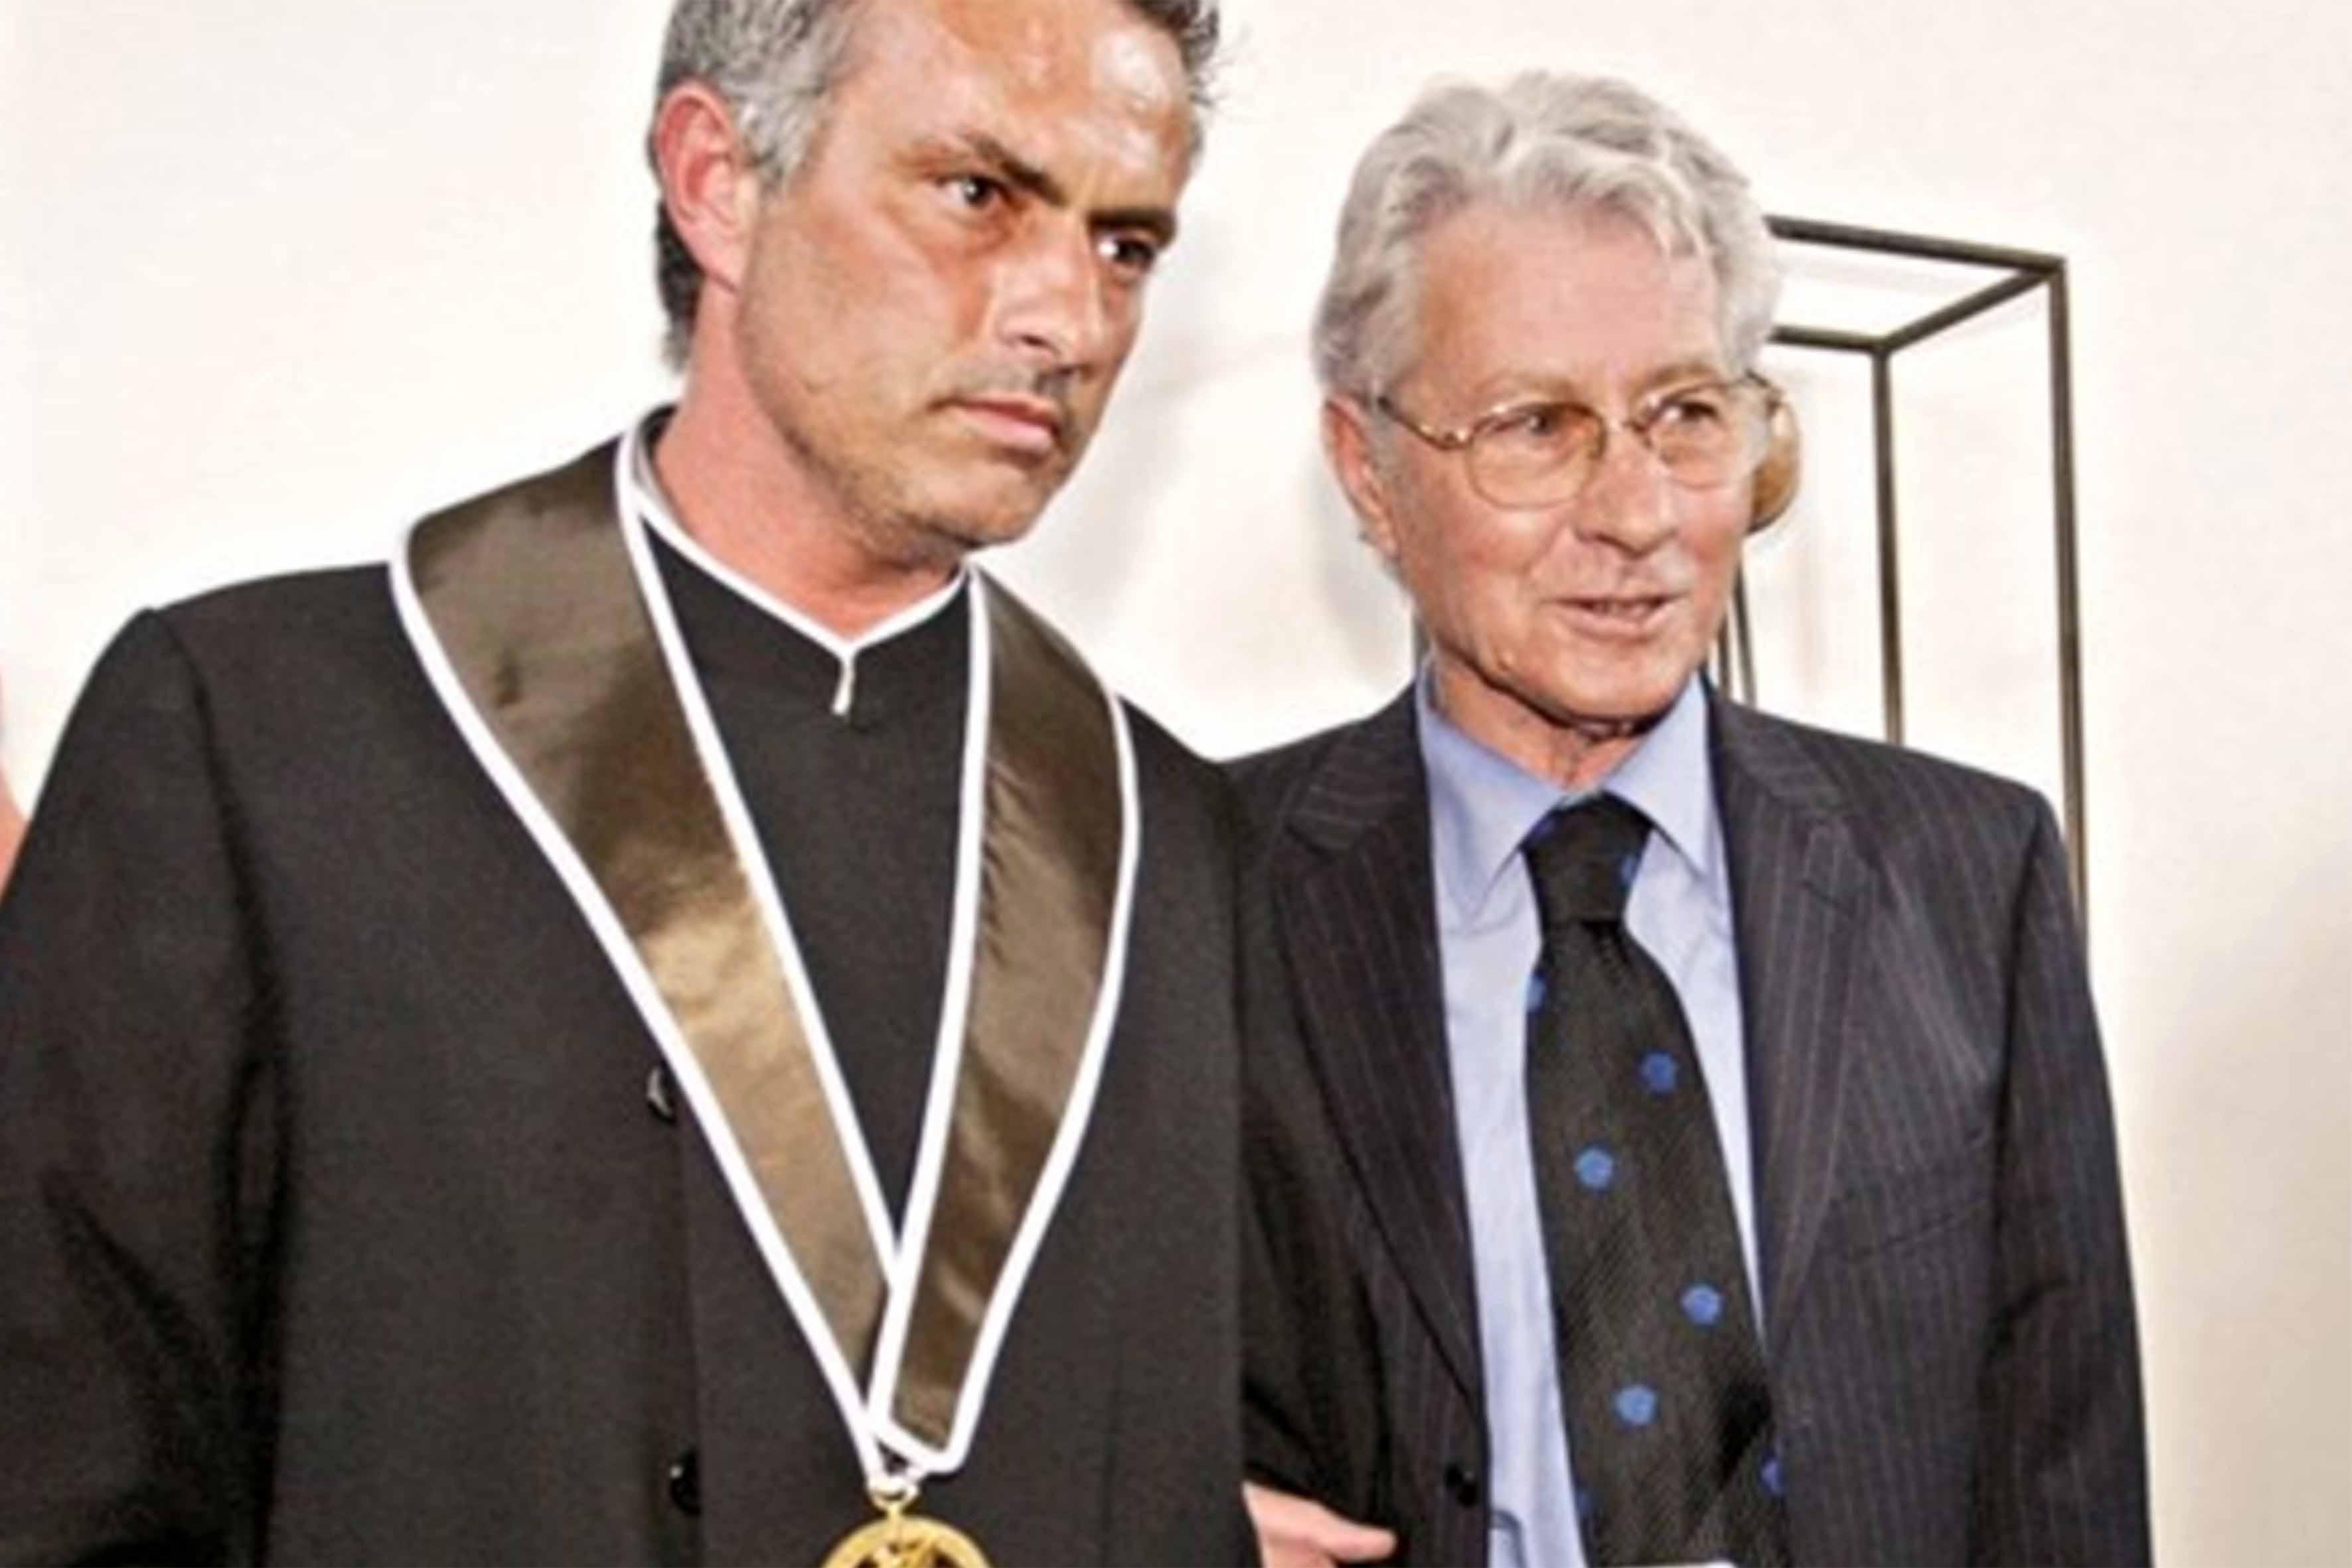 Morreu Félix Mourinho, pai do treinador José Mourinho